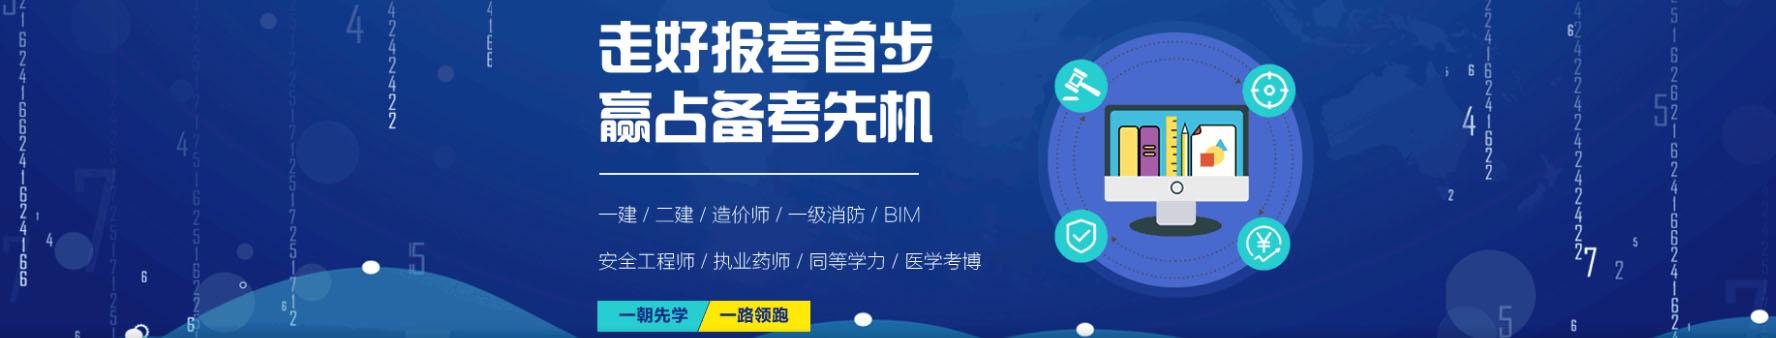 武汉二级建造师培训学校